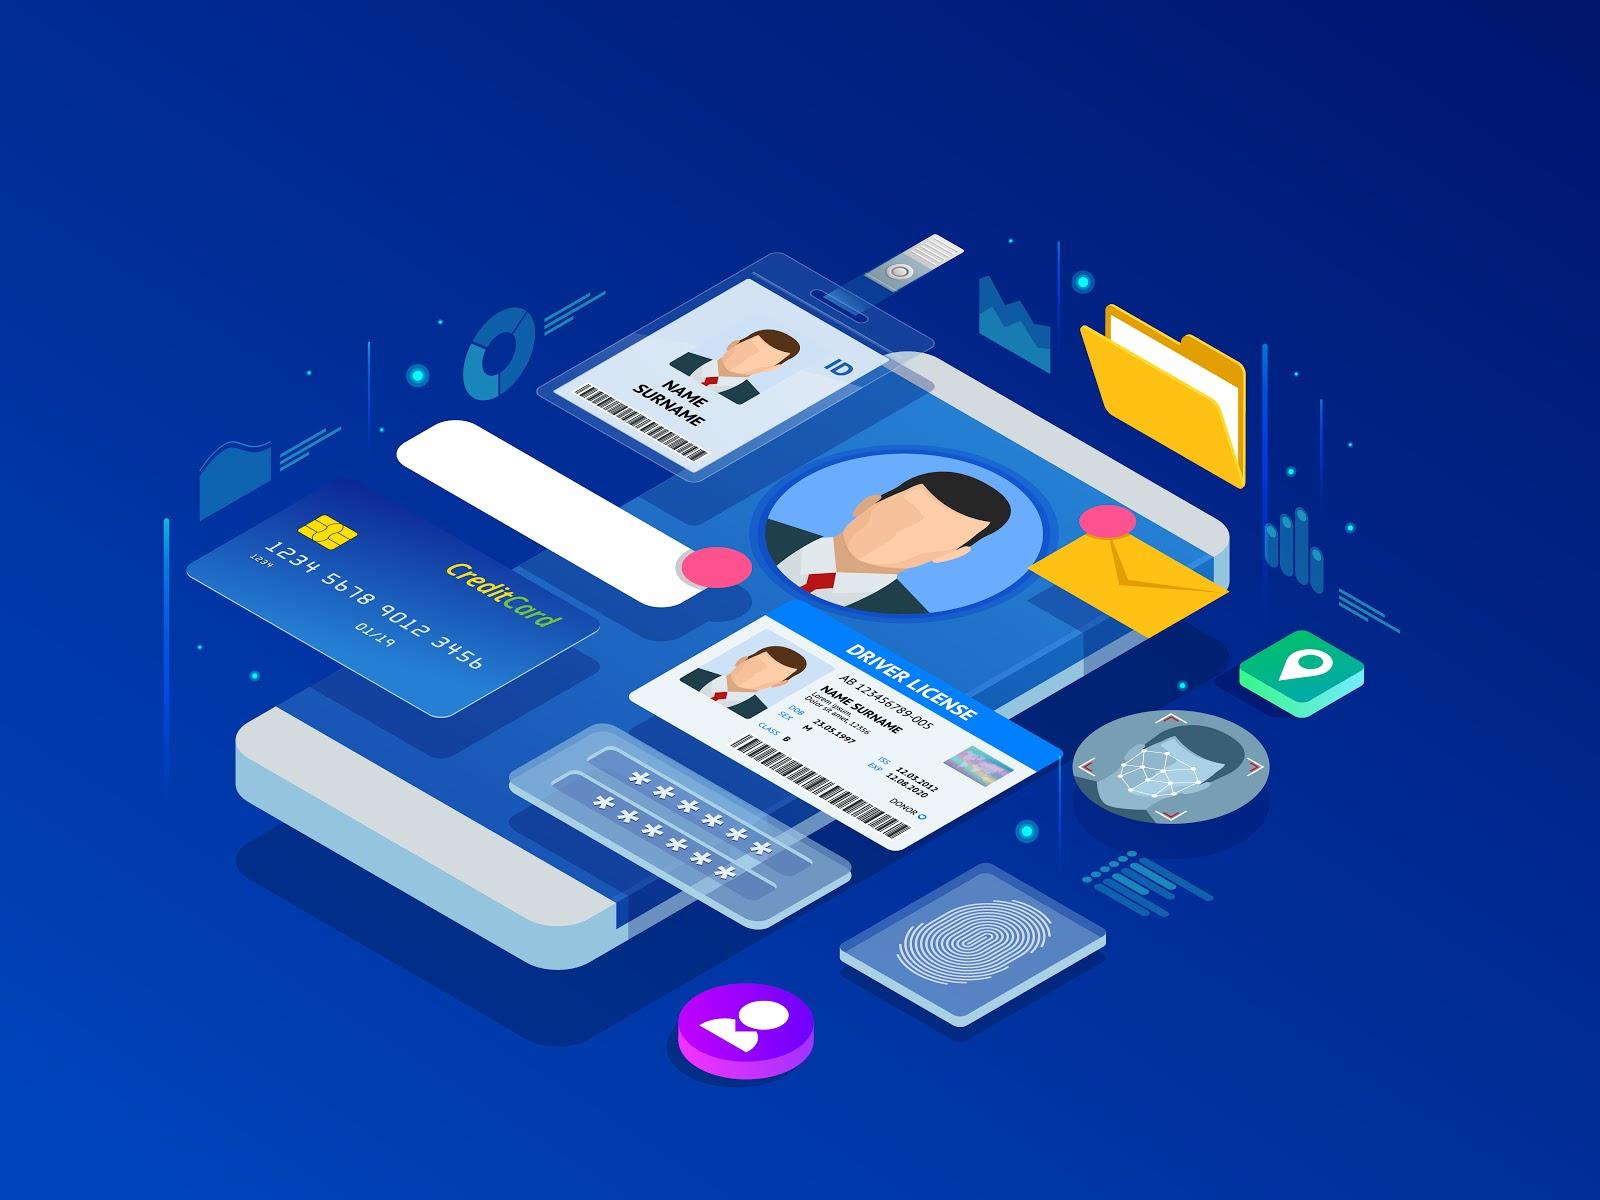 Identidade que reúna várias informações de forma digital pode ser tendência para o futuro. (Fonte: Shutterstock/Golden Sikorka/Reprodução)